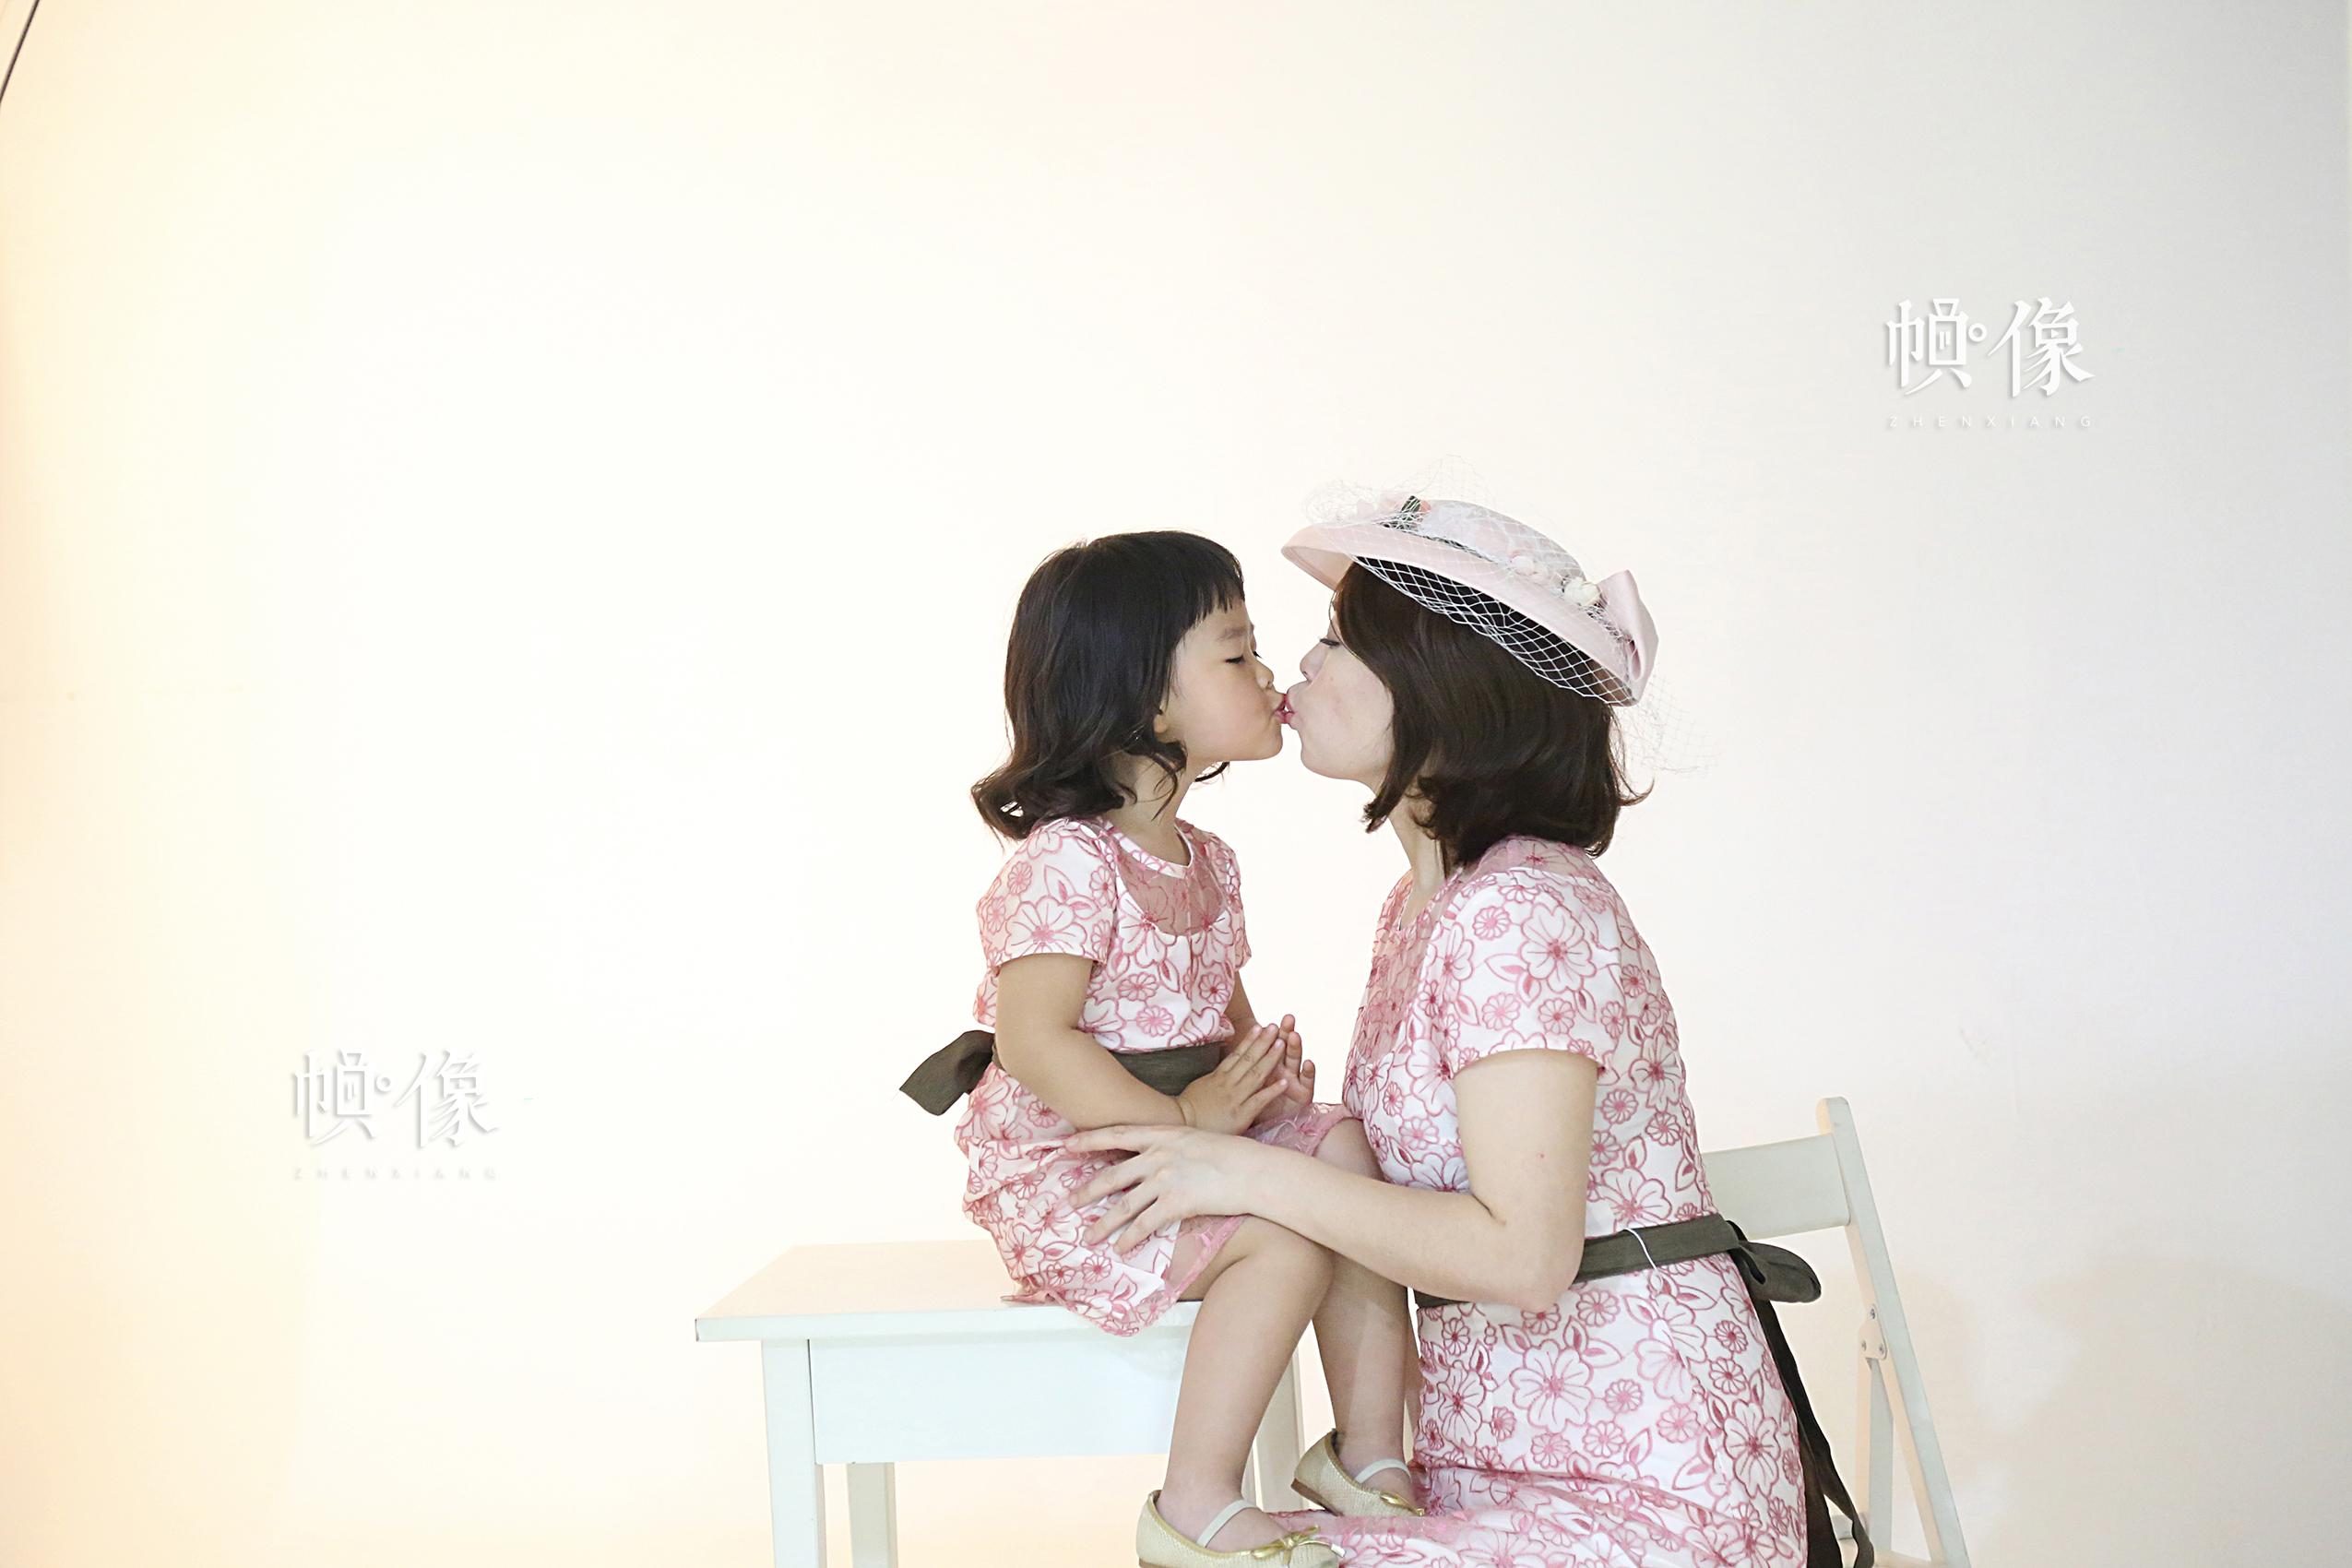 李春晓和女儿正在拍摄写真,留作纪念。中国网记者黄富友 摄